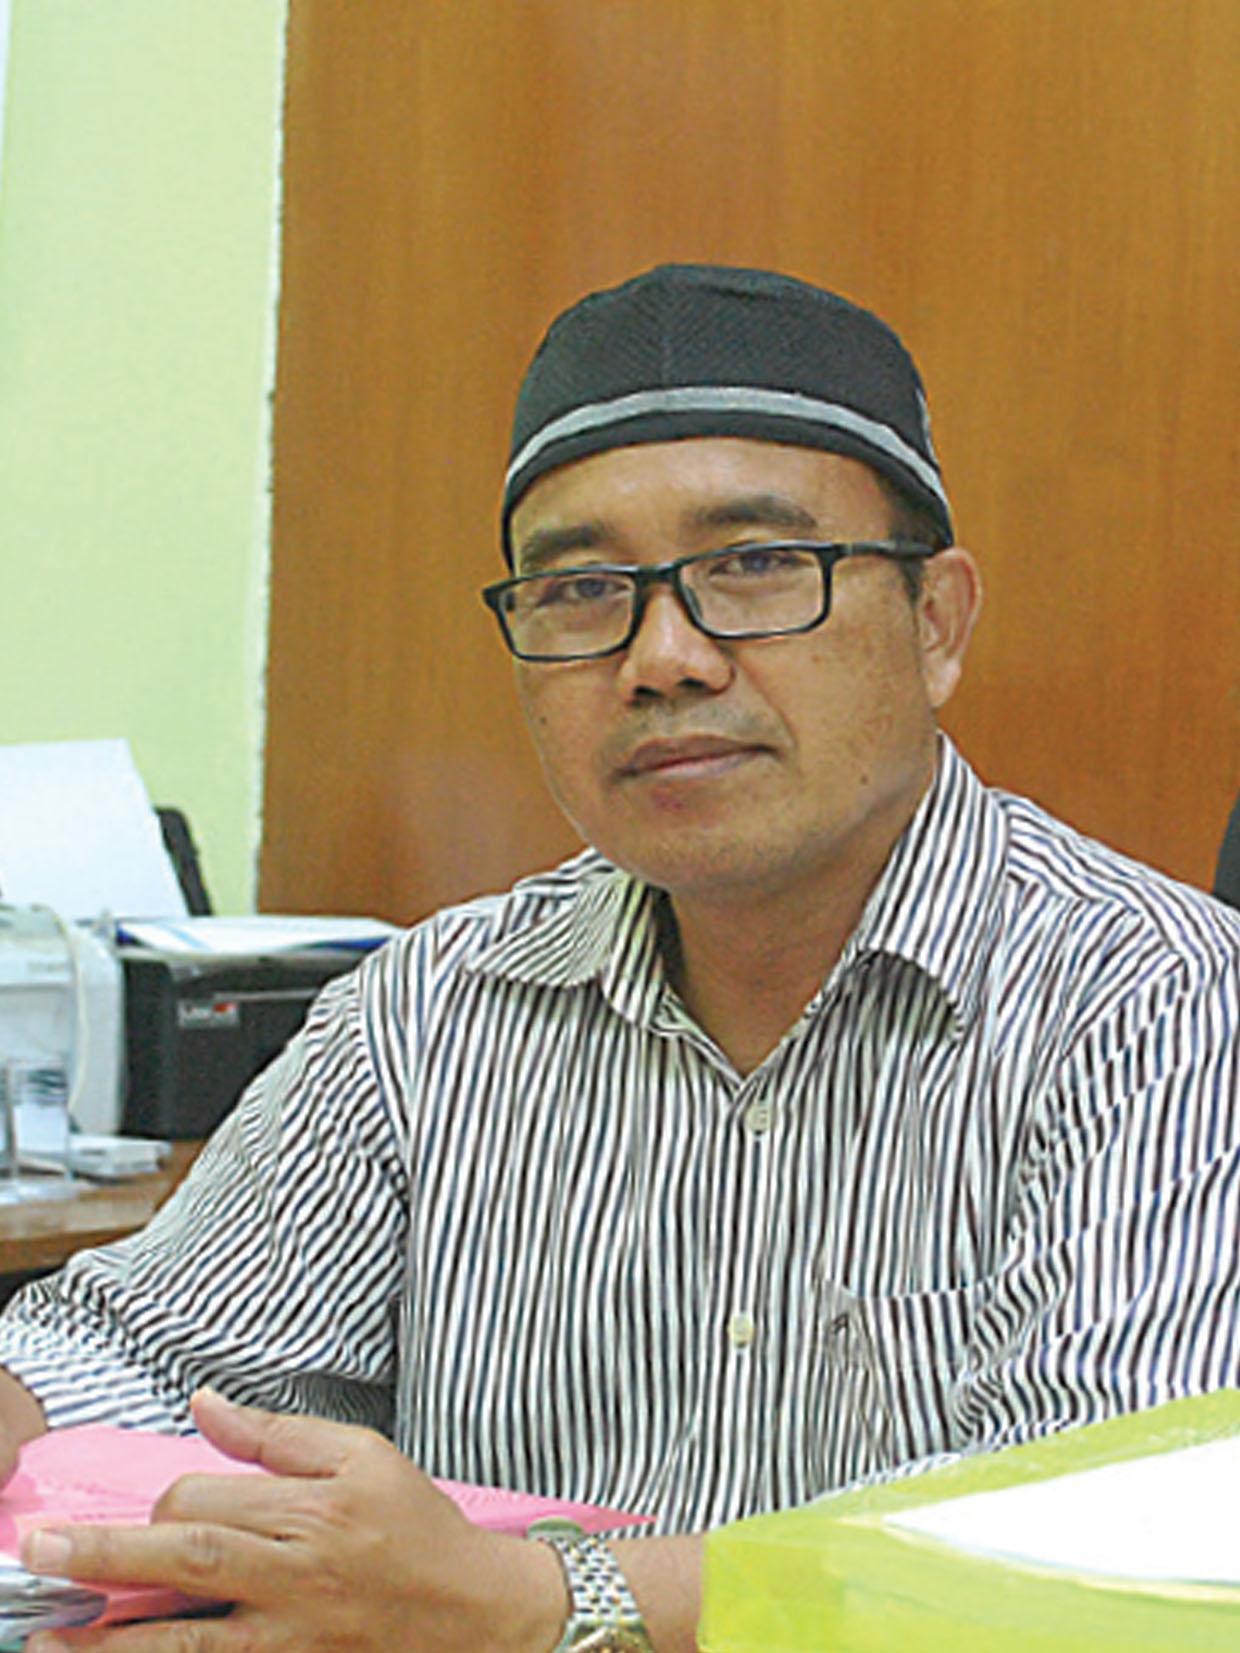 Dr. Ing. Kusnanto